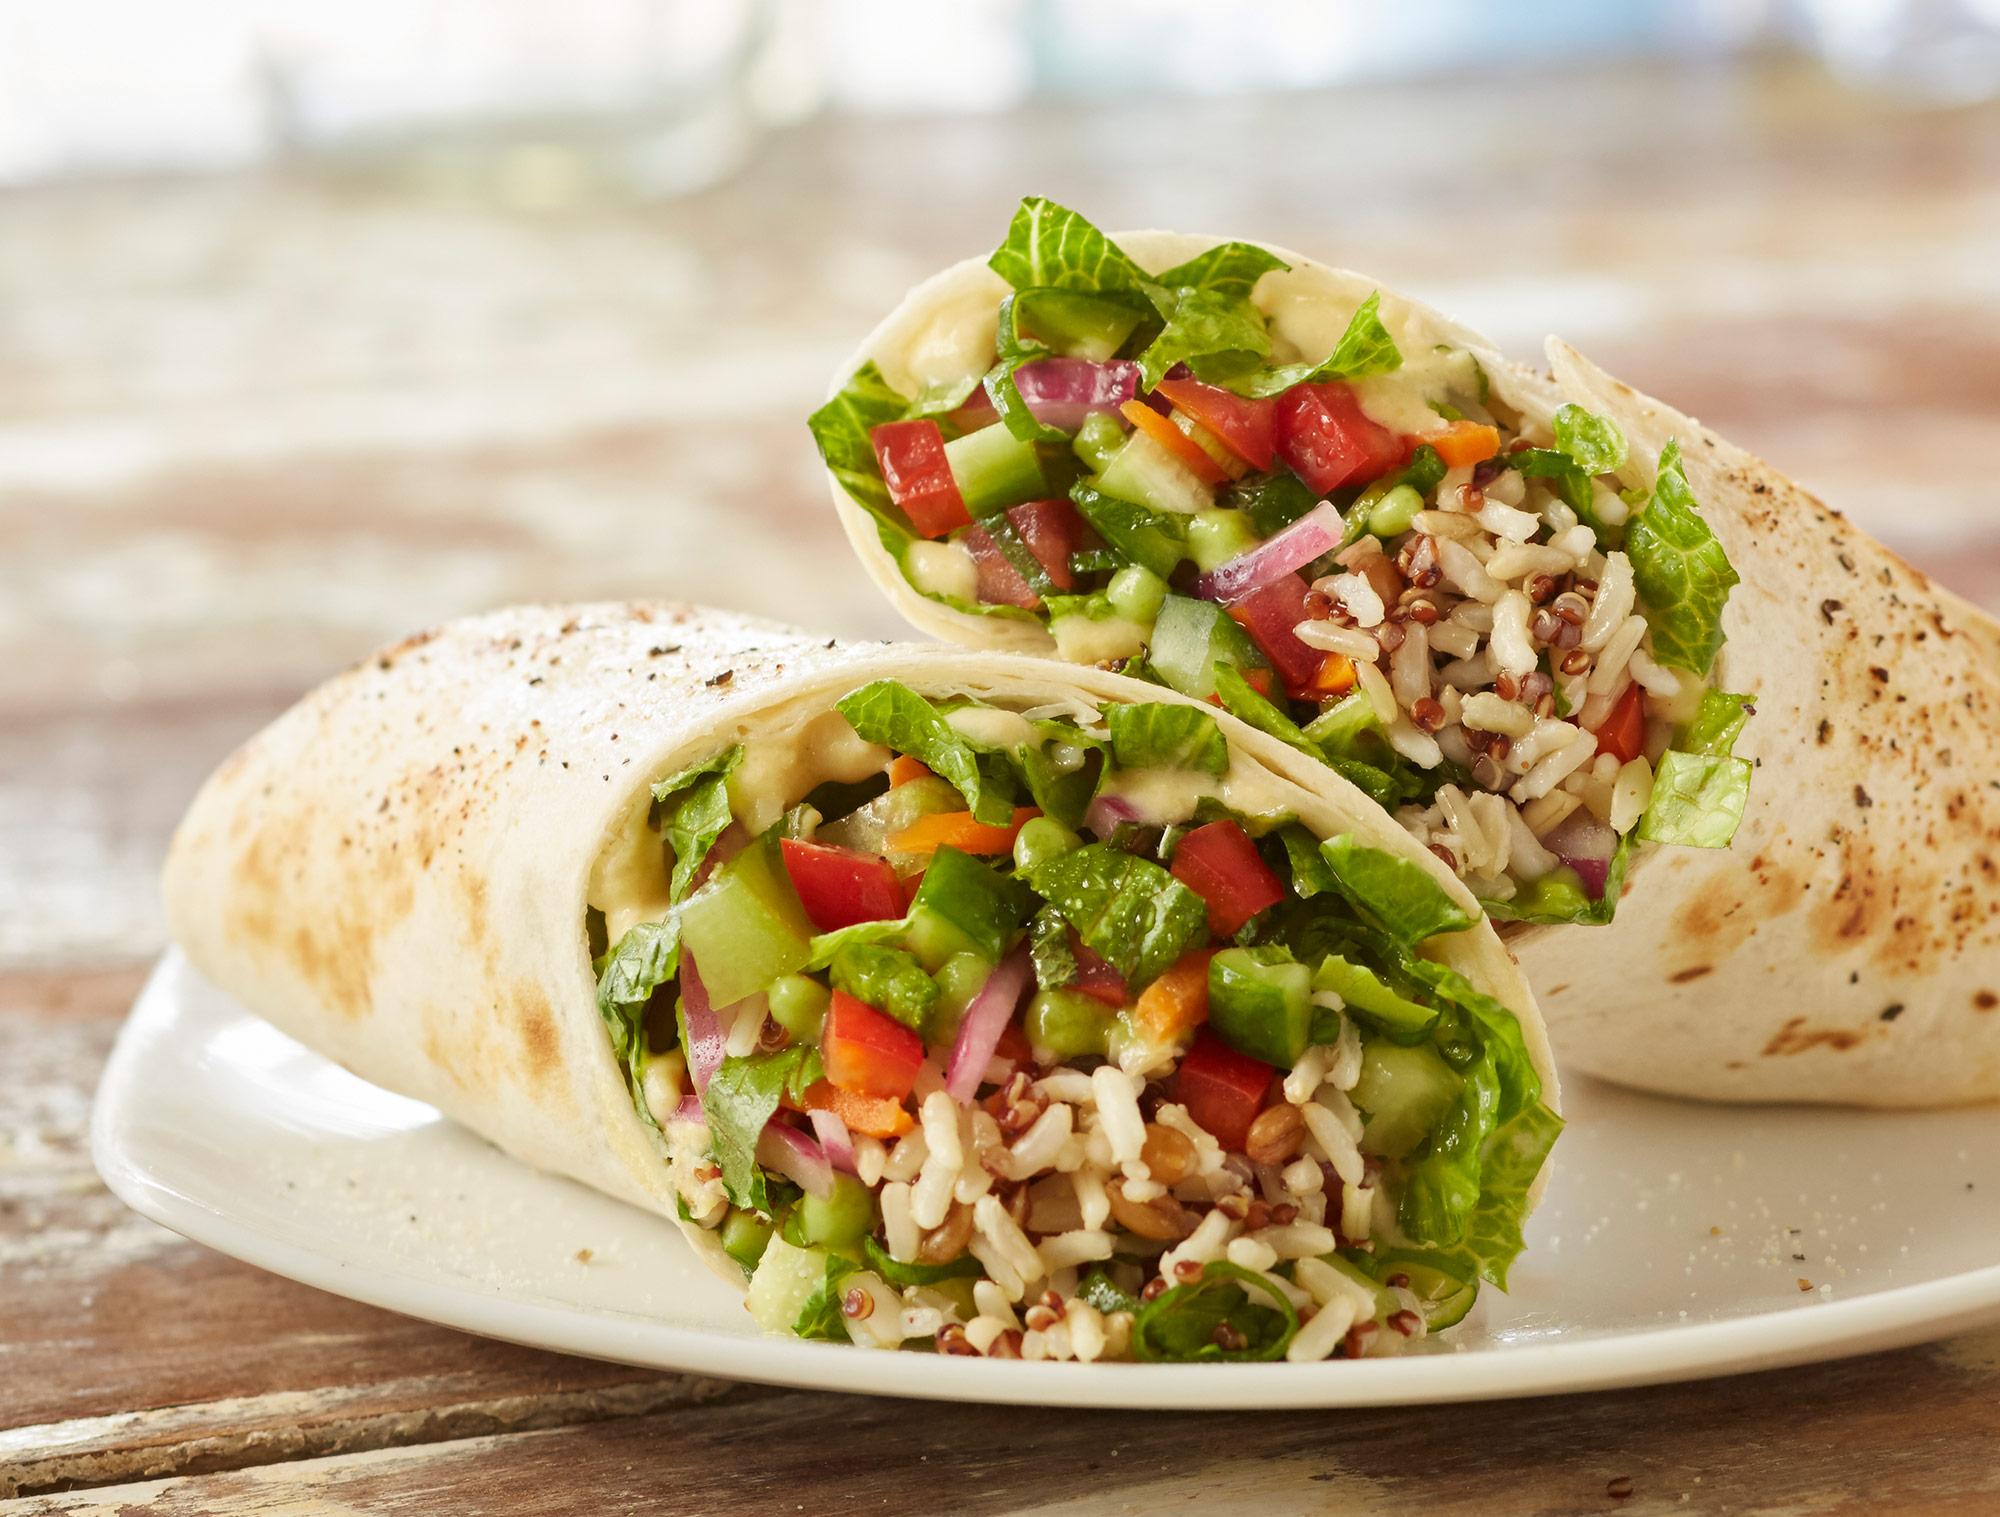 Tropical-Smoothie-Hummis-Veggie-Wrap